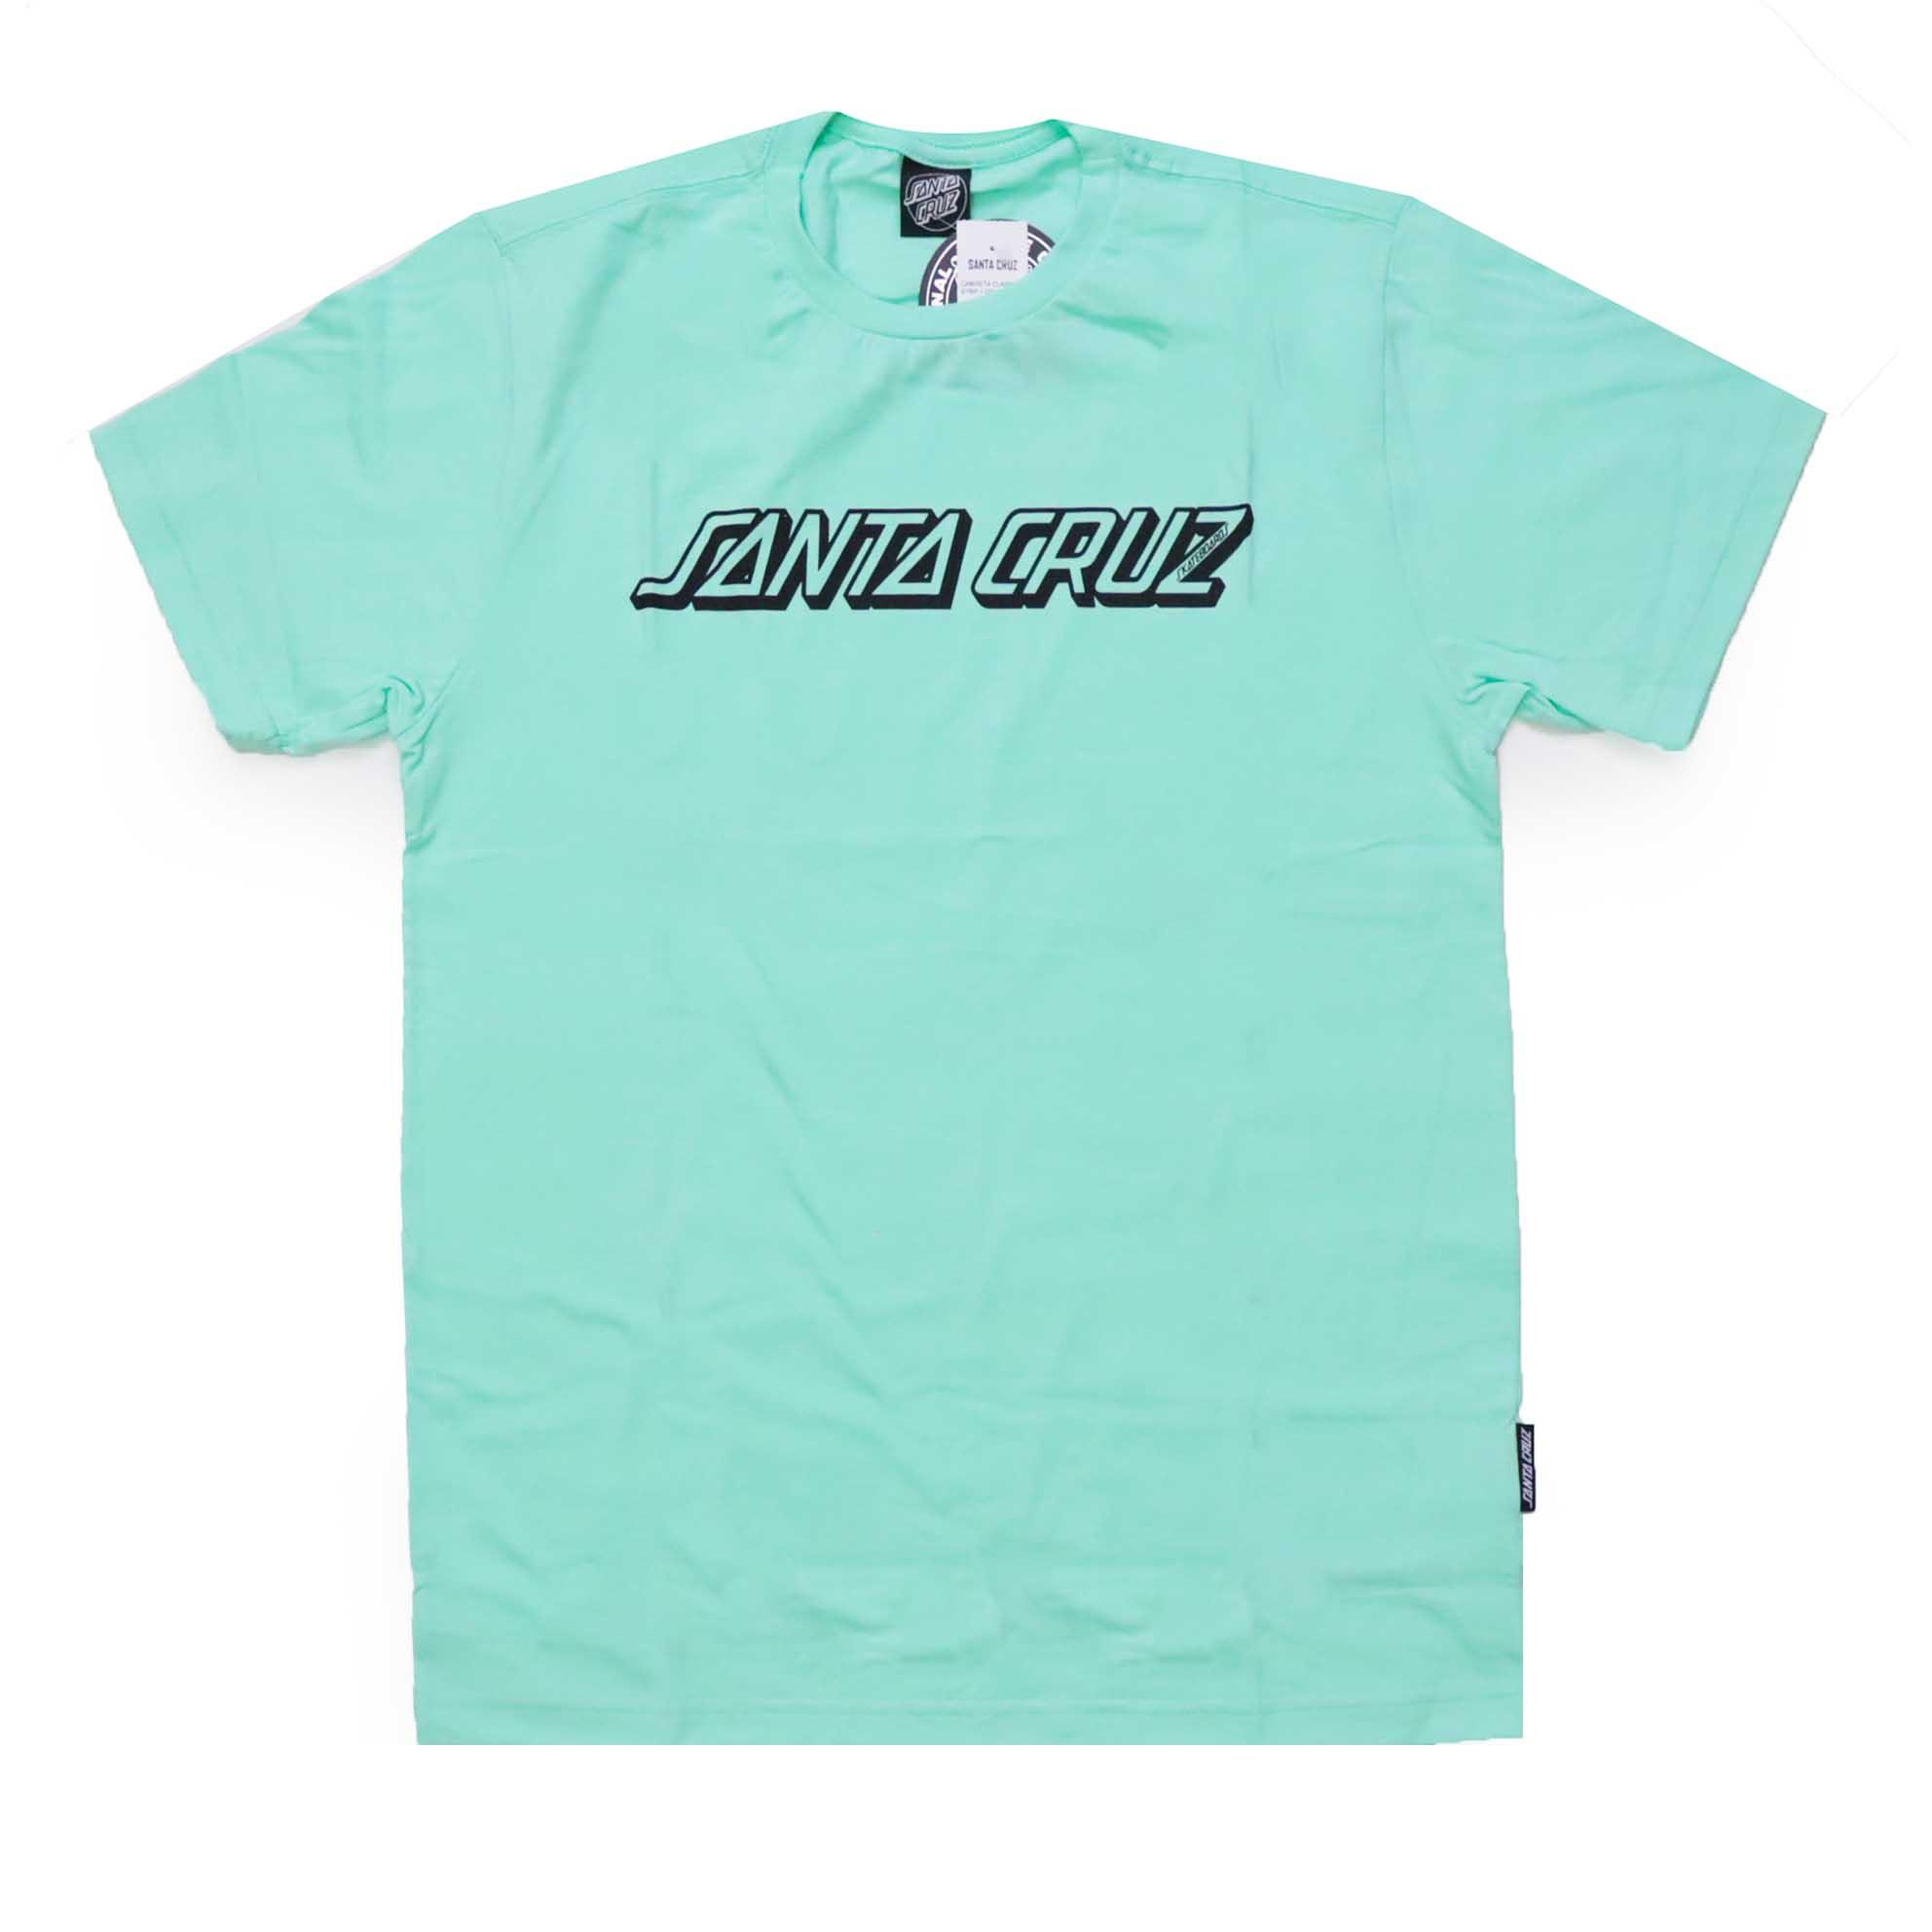 Camiseta Santa Cruz Classic Strip 1 Color - Azul Turquesa